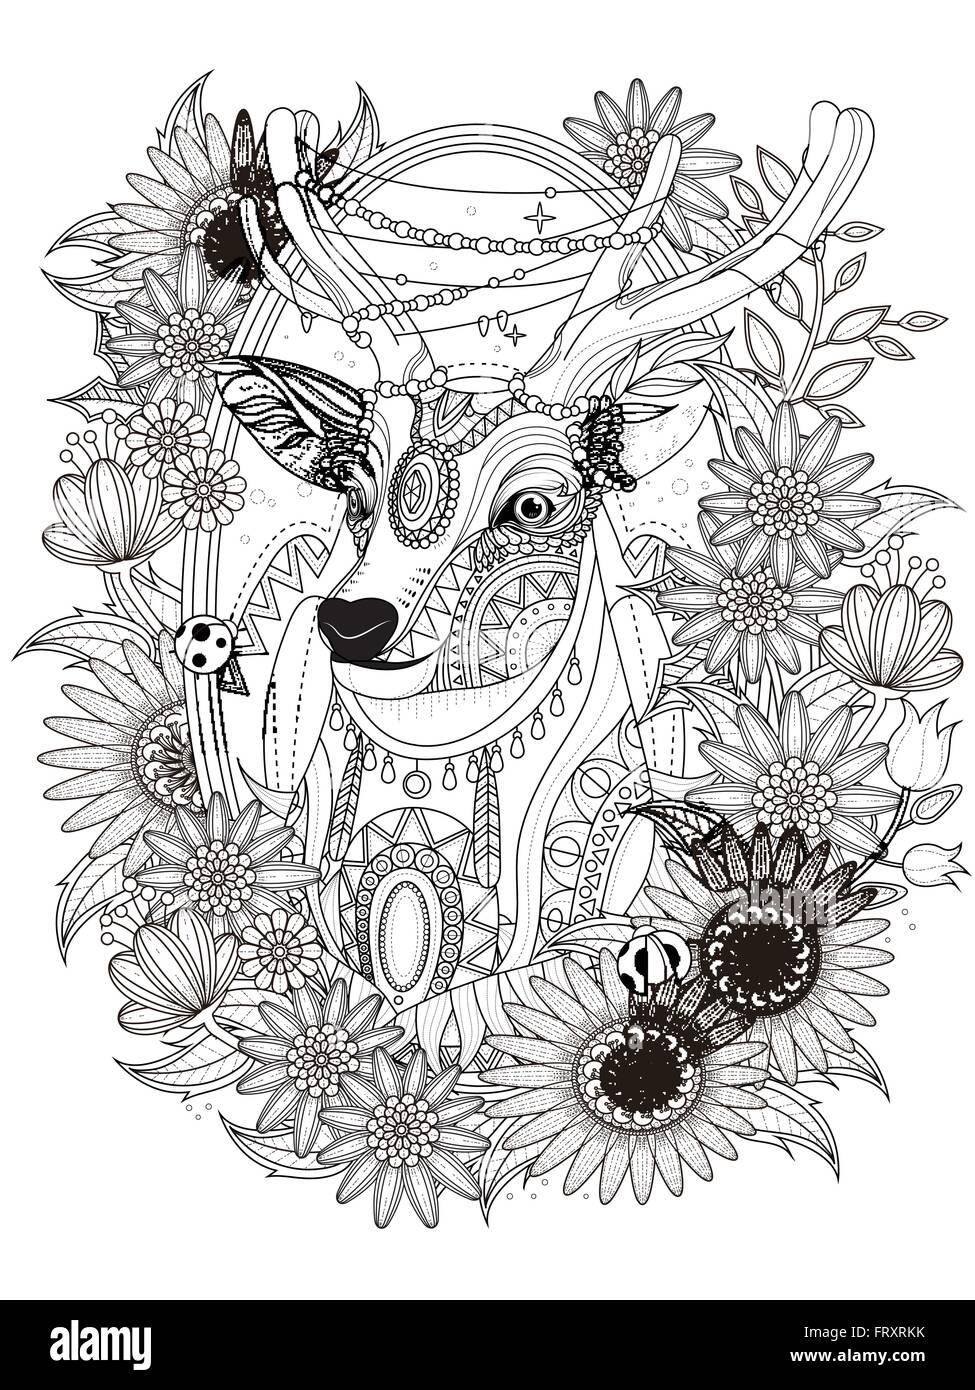 Superbe Cerf Avec Couronne De Fleurs Coloriage Adultes Vecteurs Et